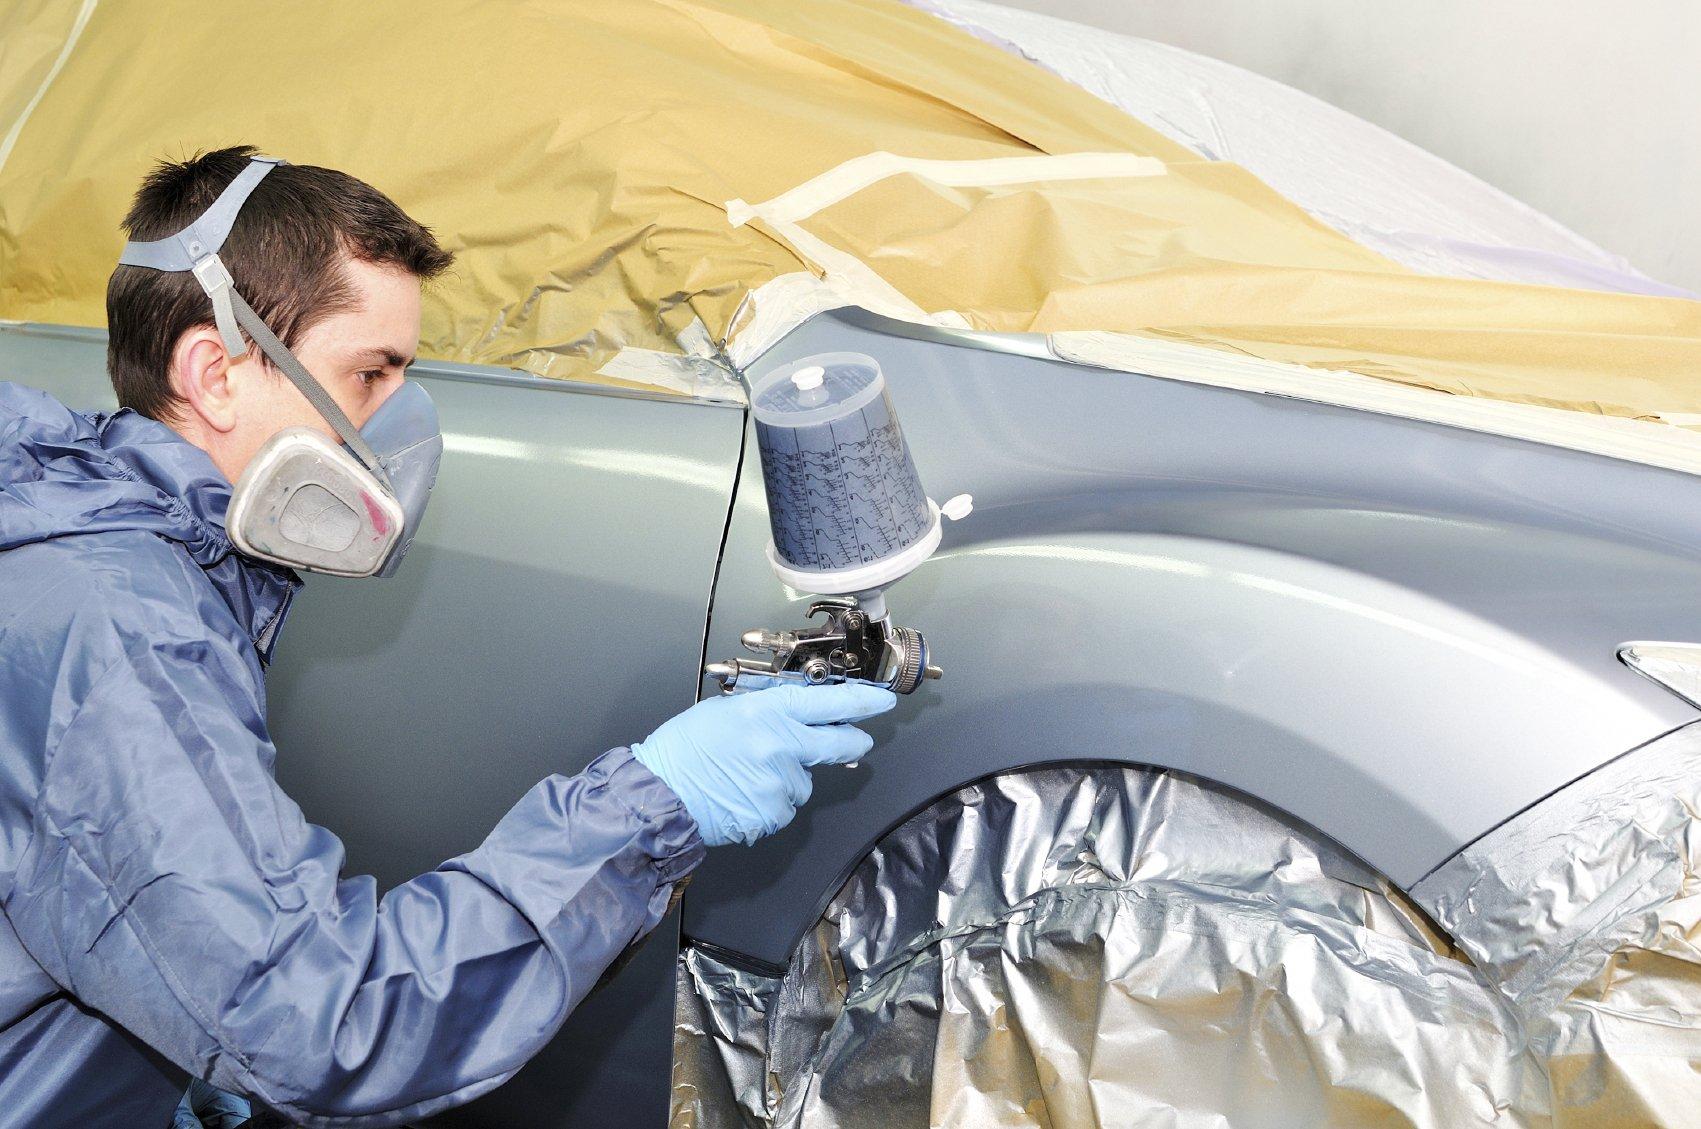 Технология покраски автомобиля своими руками фото 290